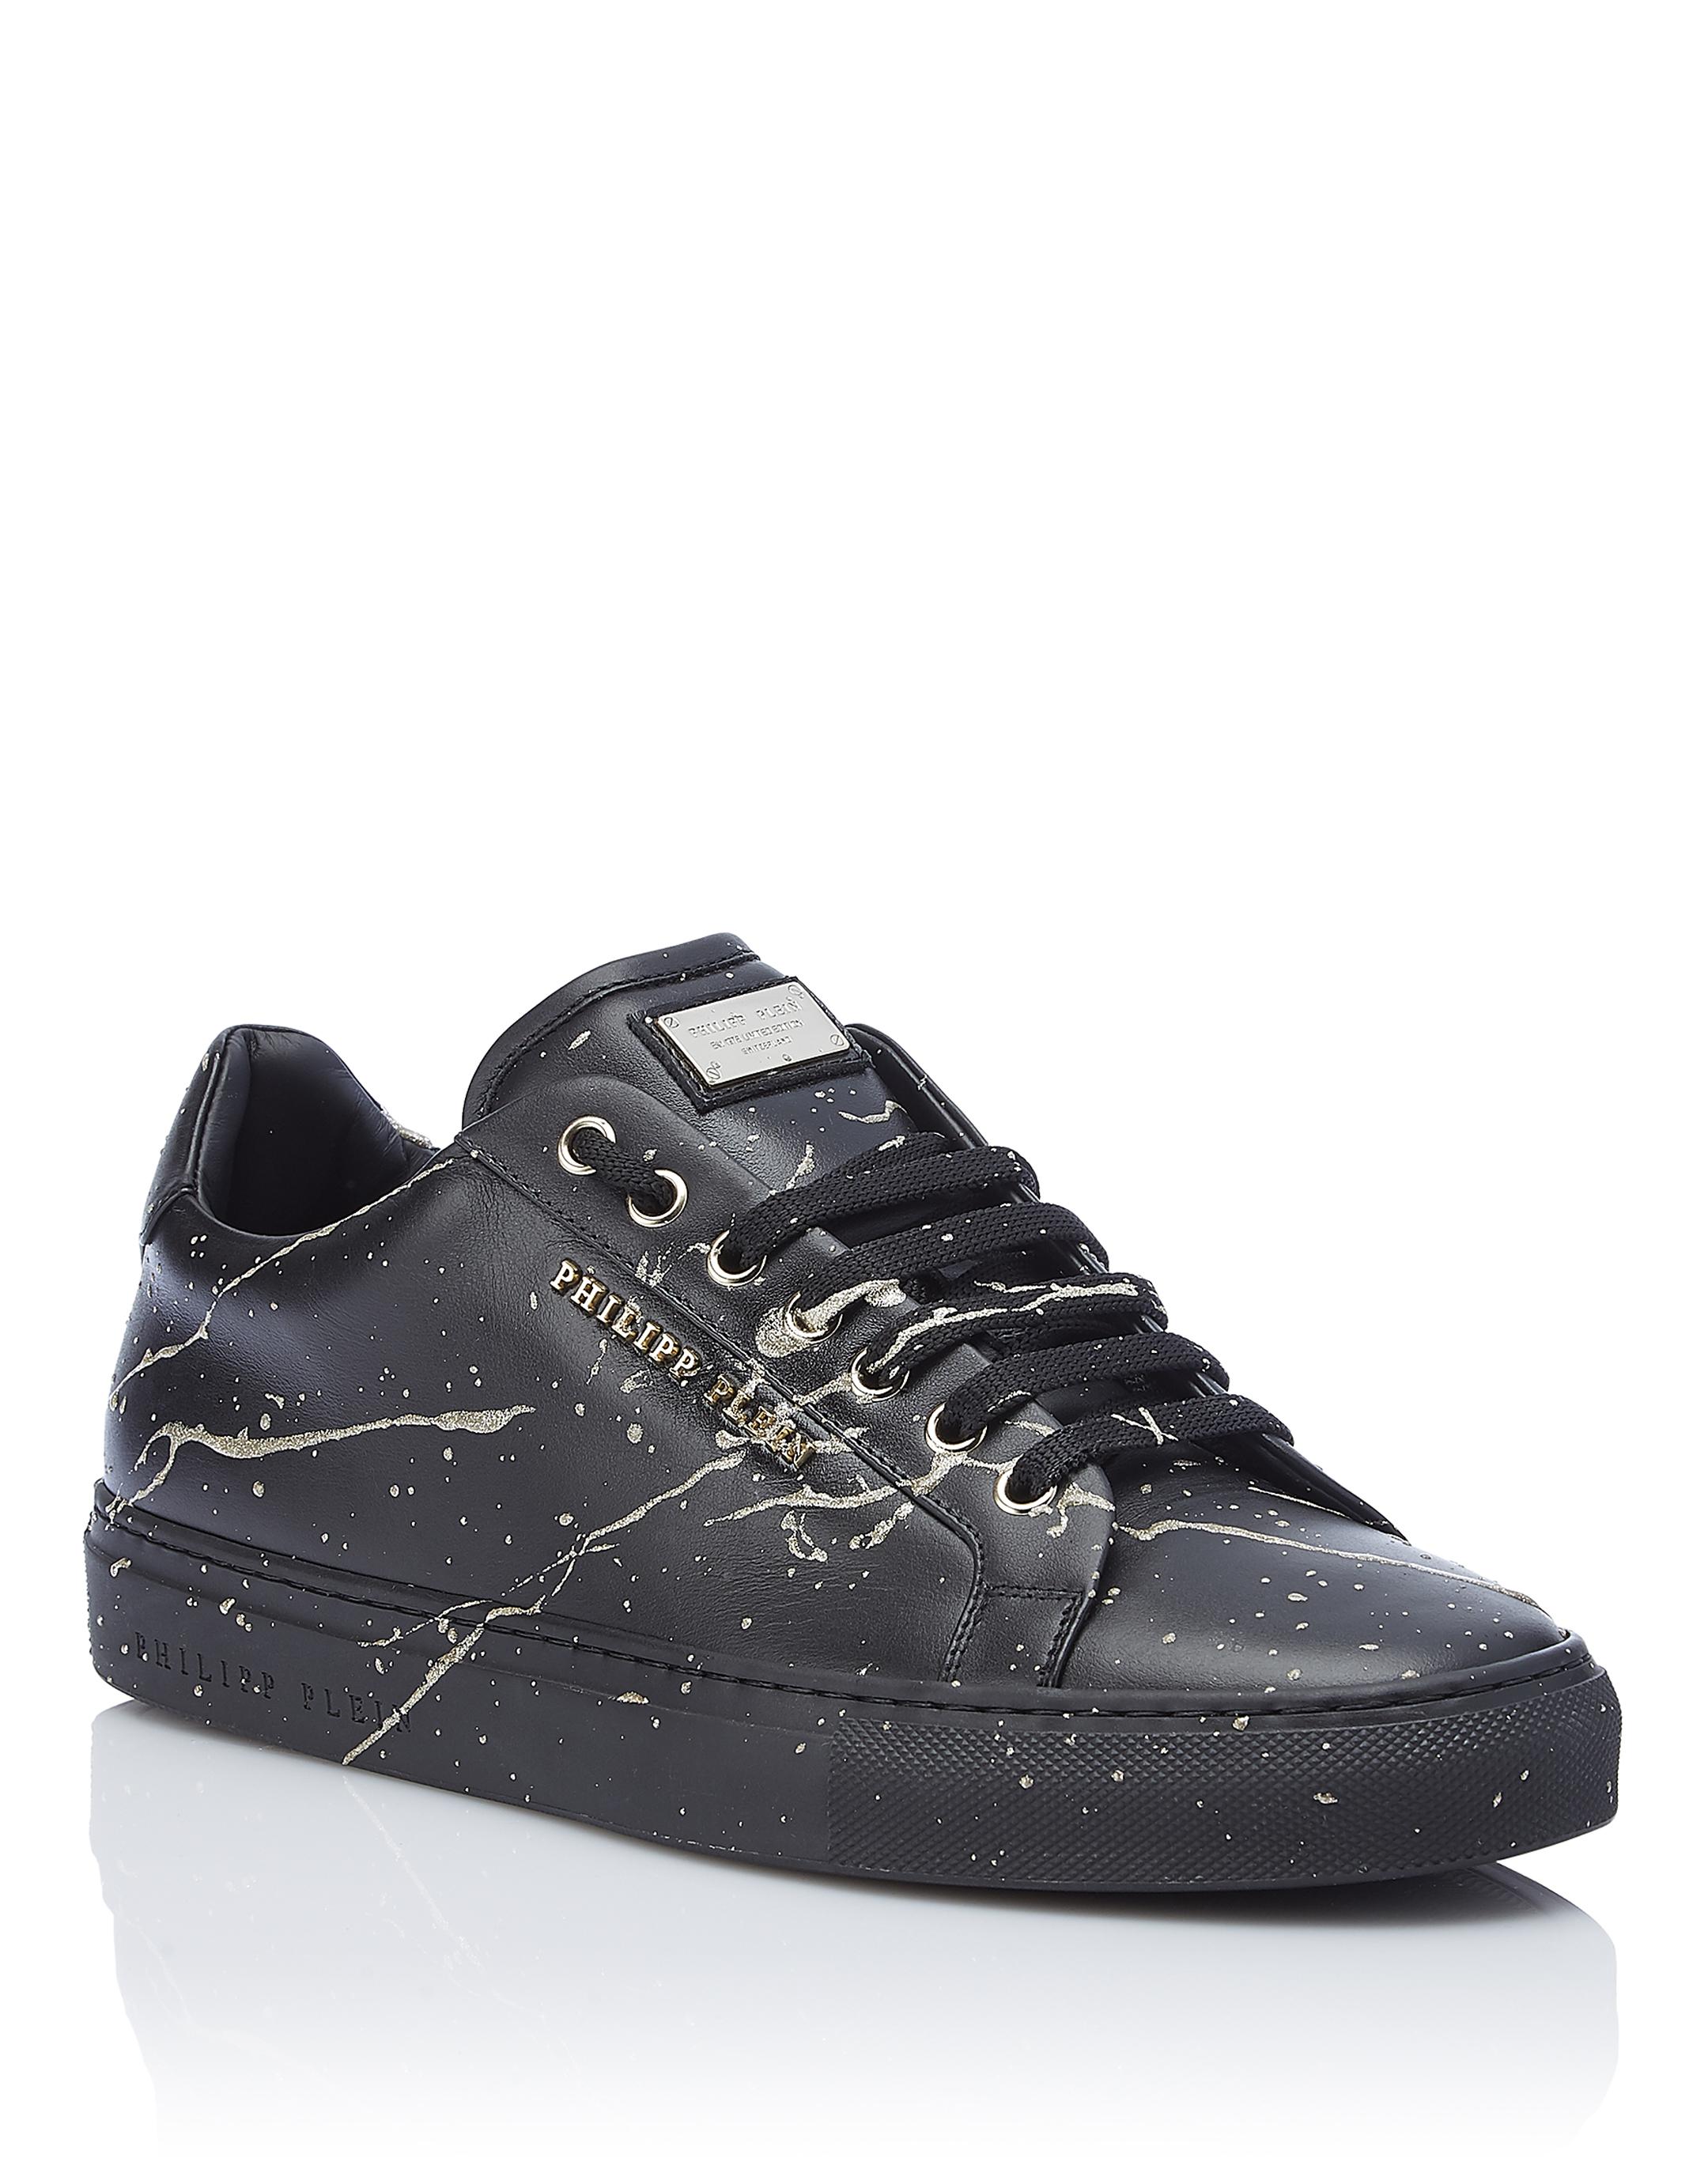 c7eccfbb840d Lo-Top Sneakers